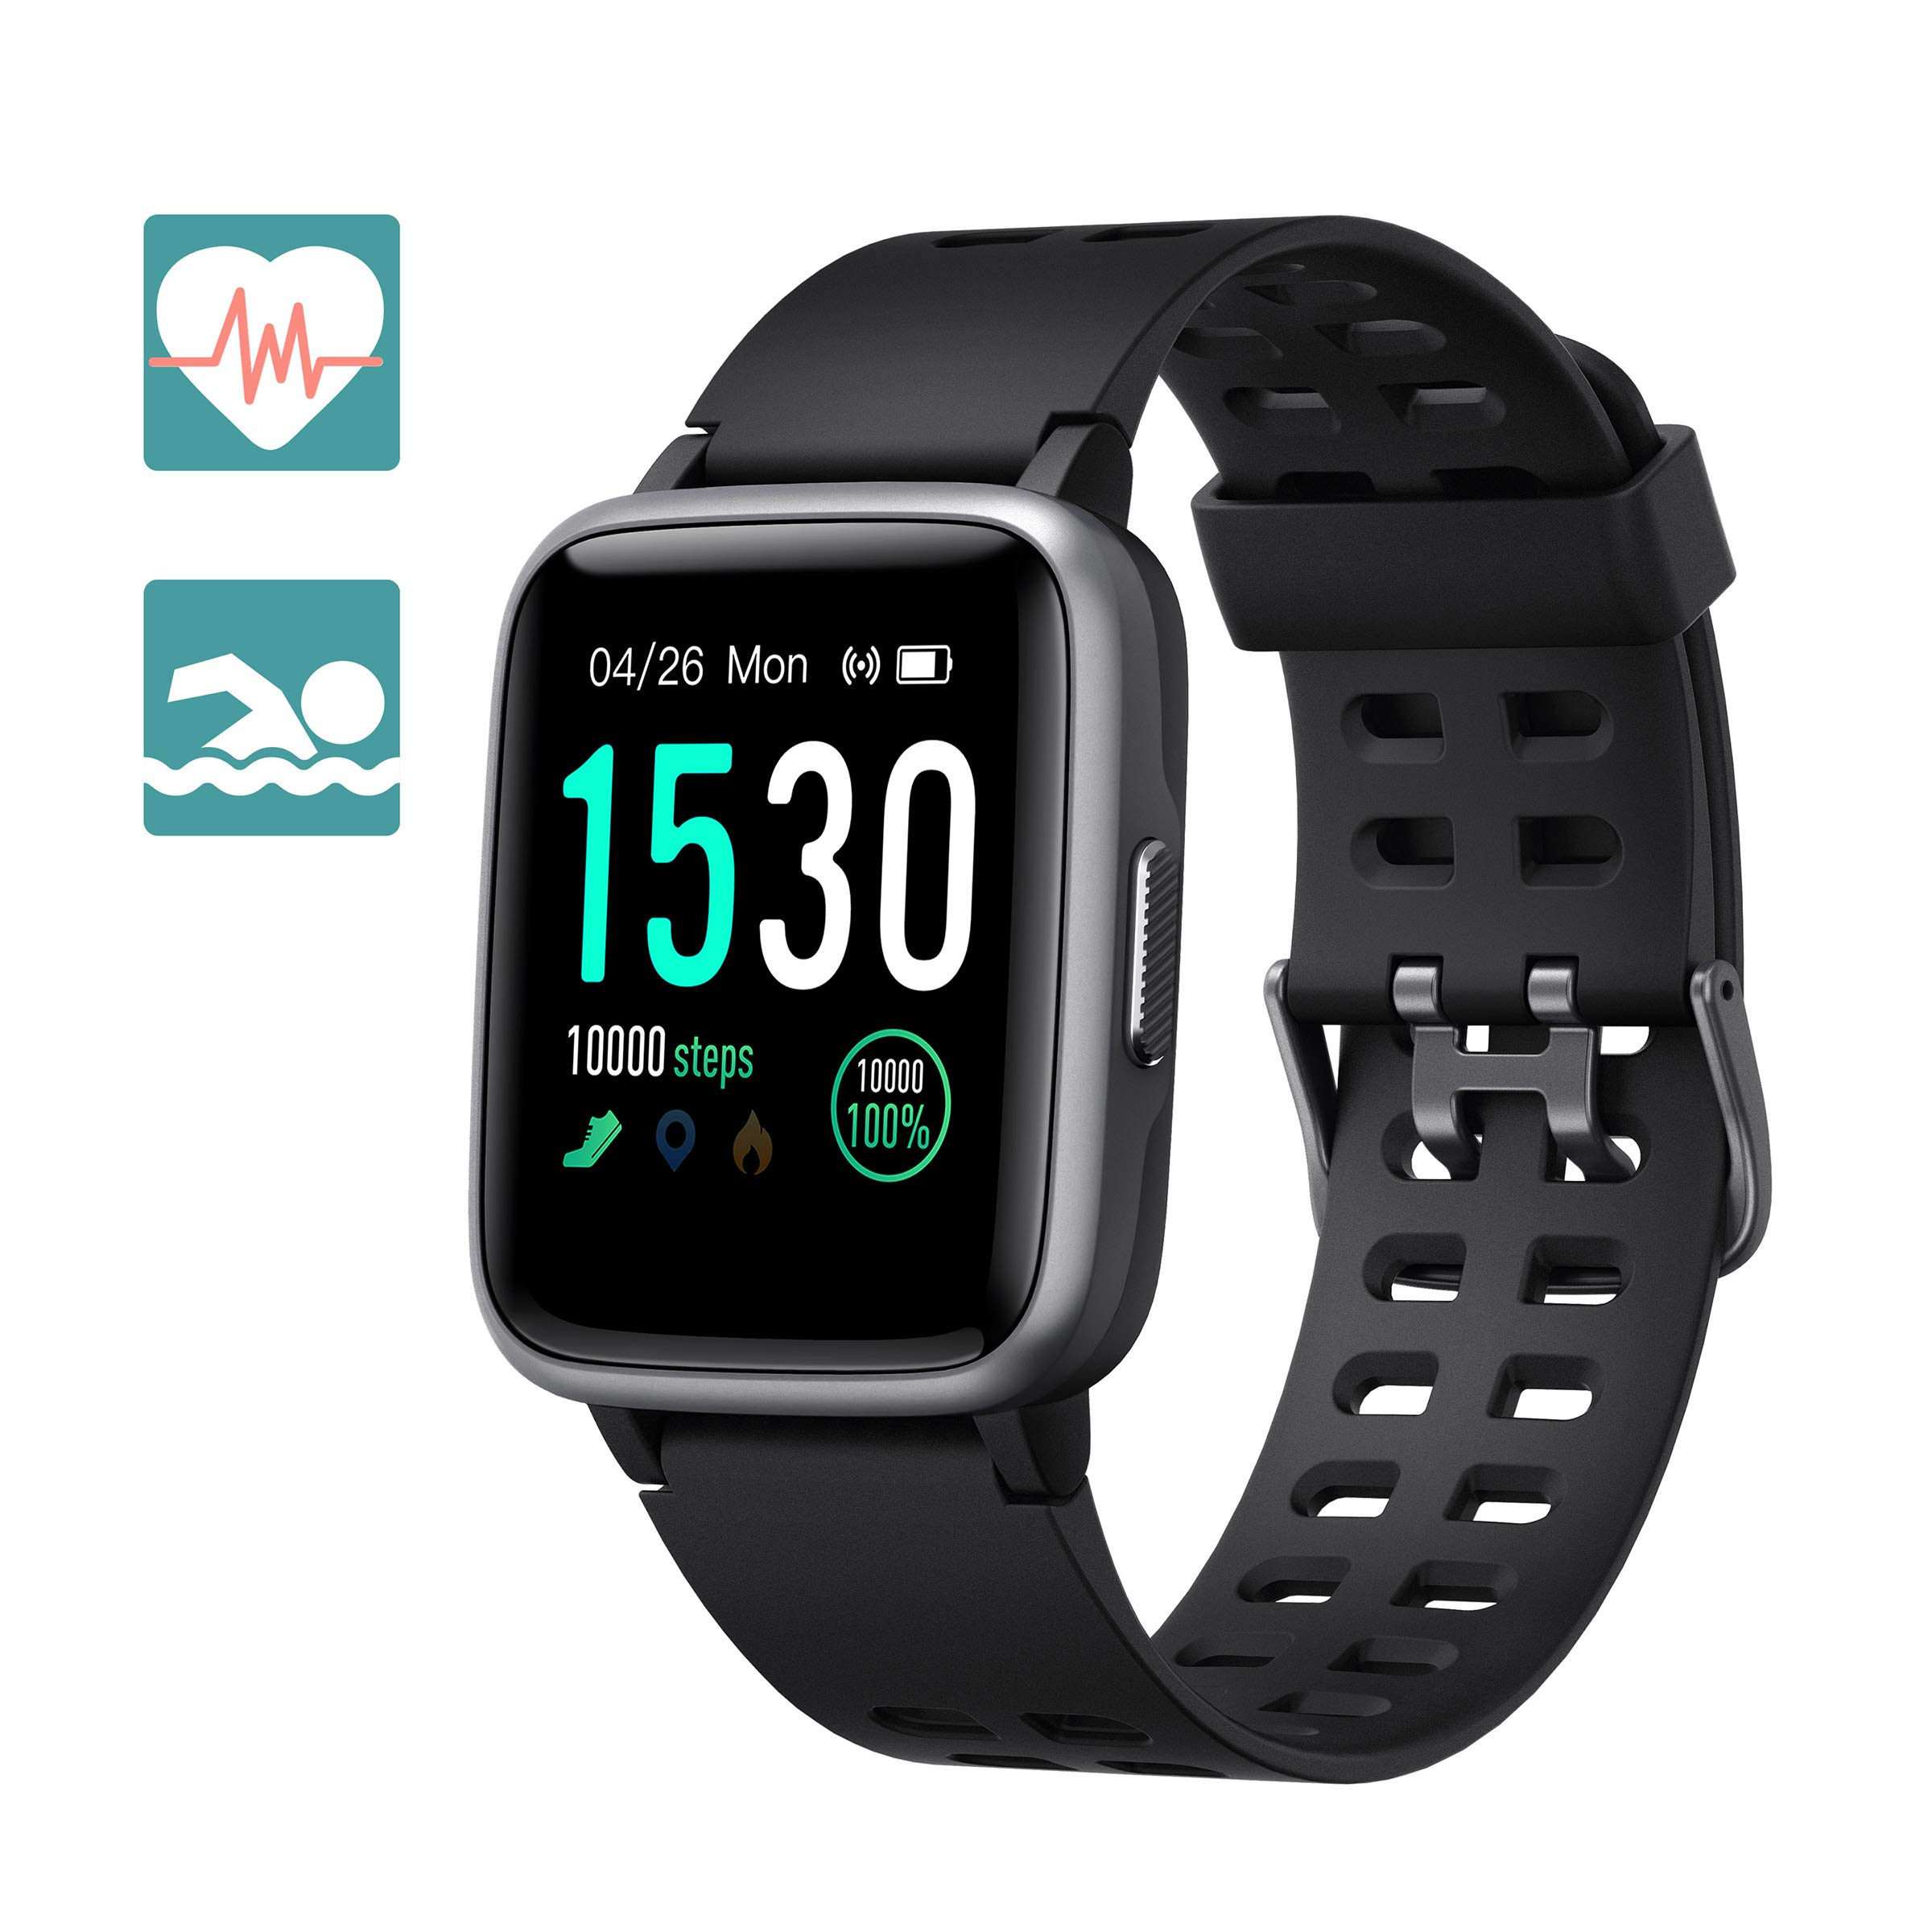 Arbily Reloj Inteligente Pantalla Táctil Completa Pulsera de Actividad Smartwatch Mujer Hombre Niño Reloj Deportivo a Prueba de Nadar Impermeable Podómetro Monitor de Sueño para iOS Android product image